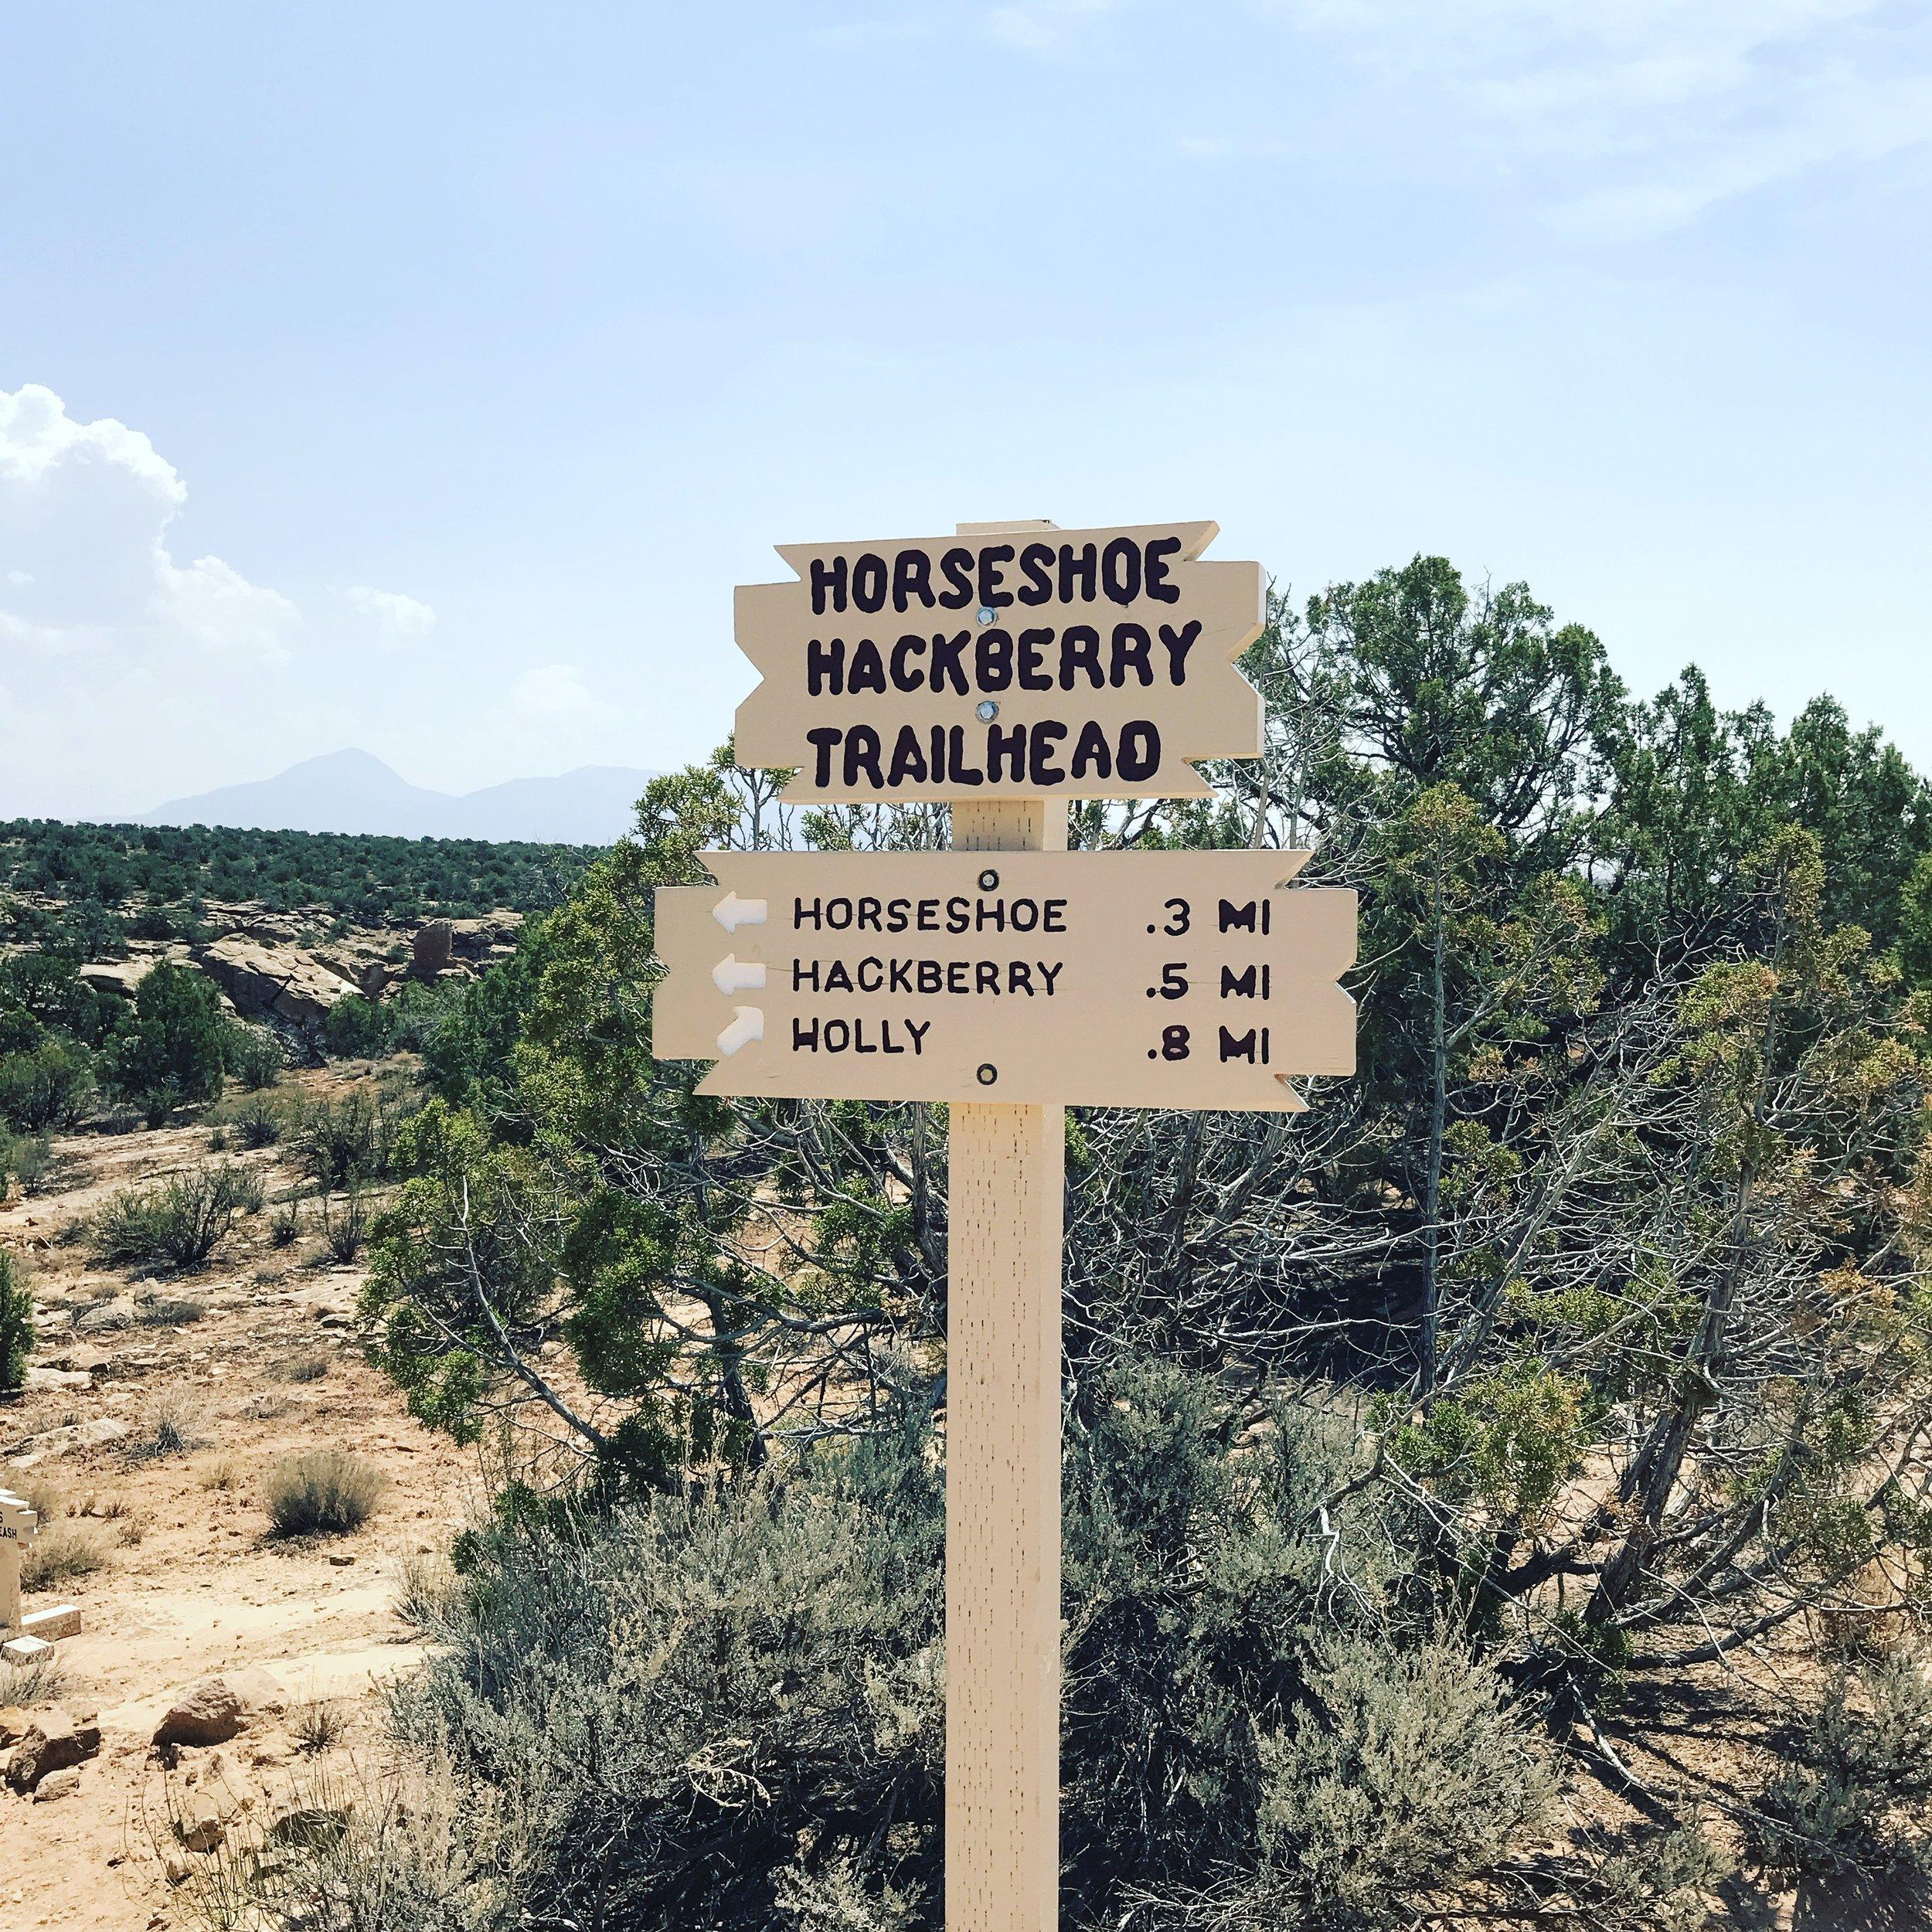 HorseshoeHackberryTrail